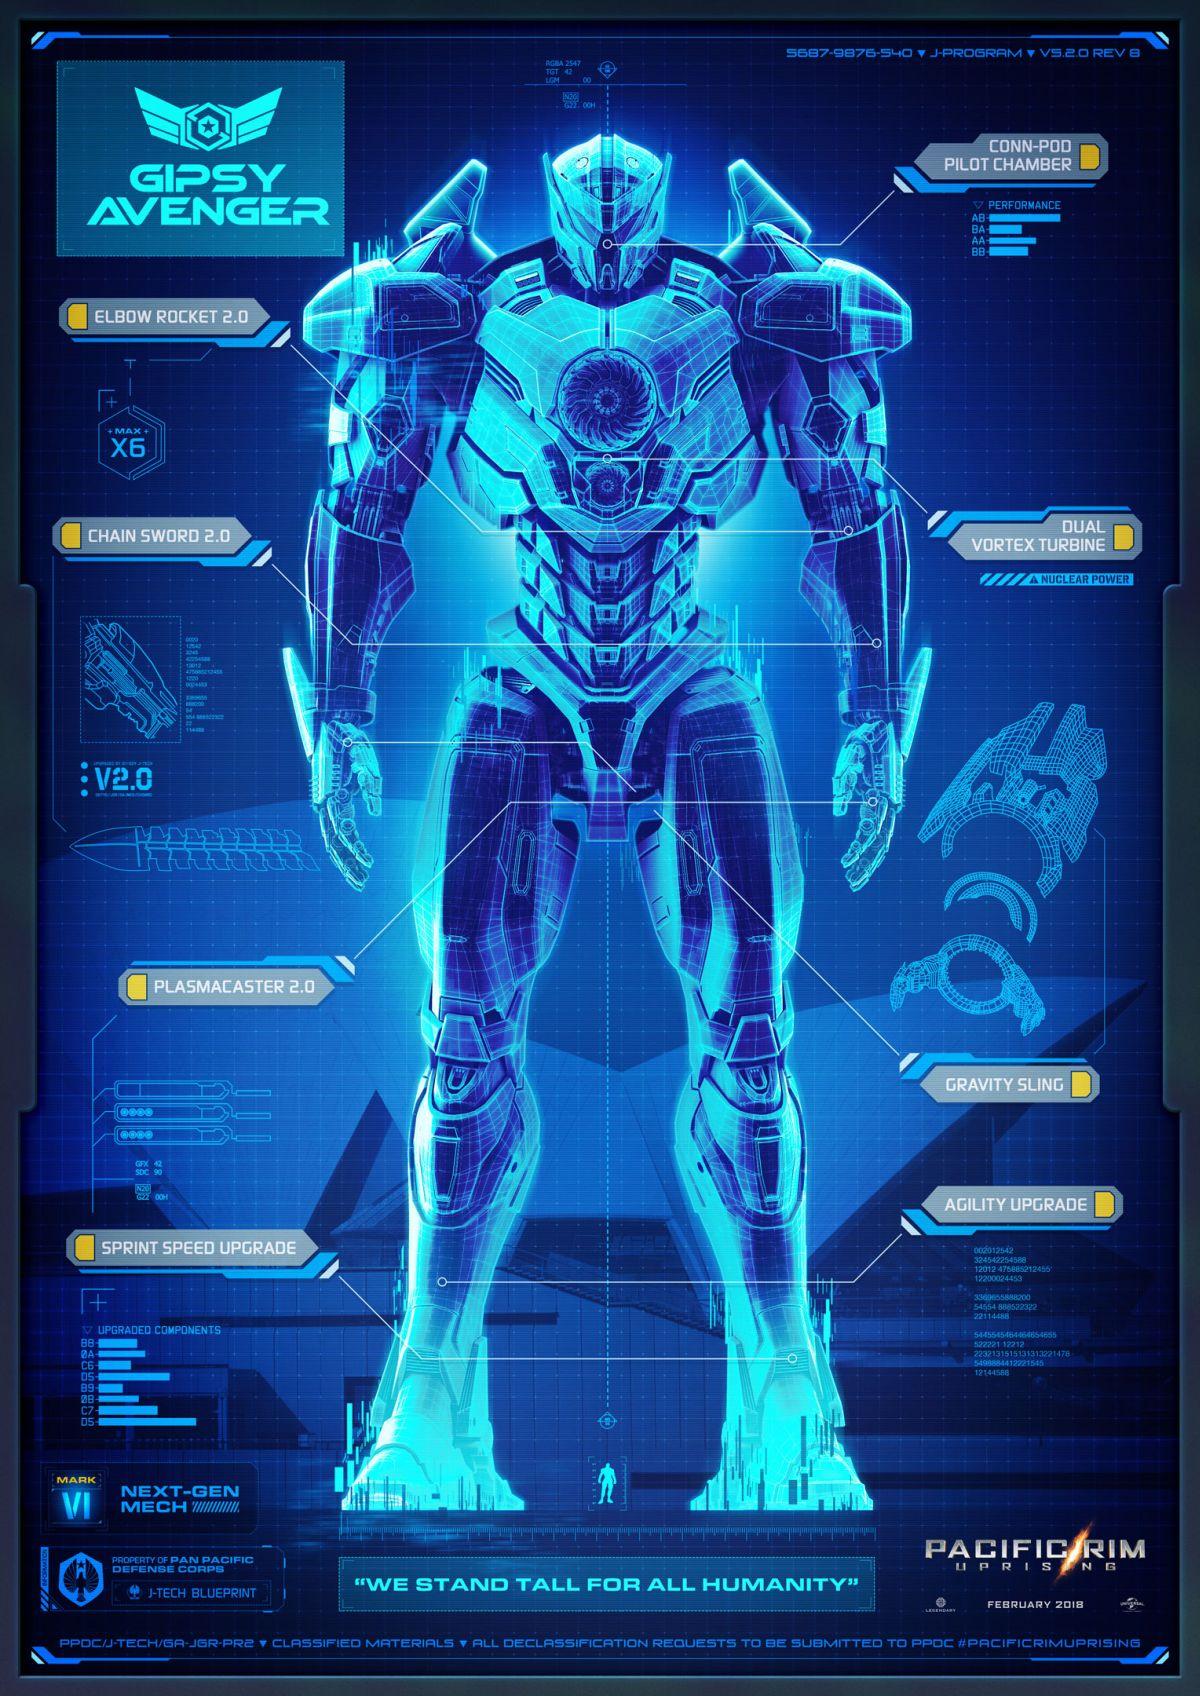 Pacific Rim 2 Teaser Jaeger Gipsy Avenger